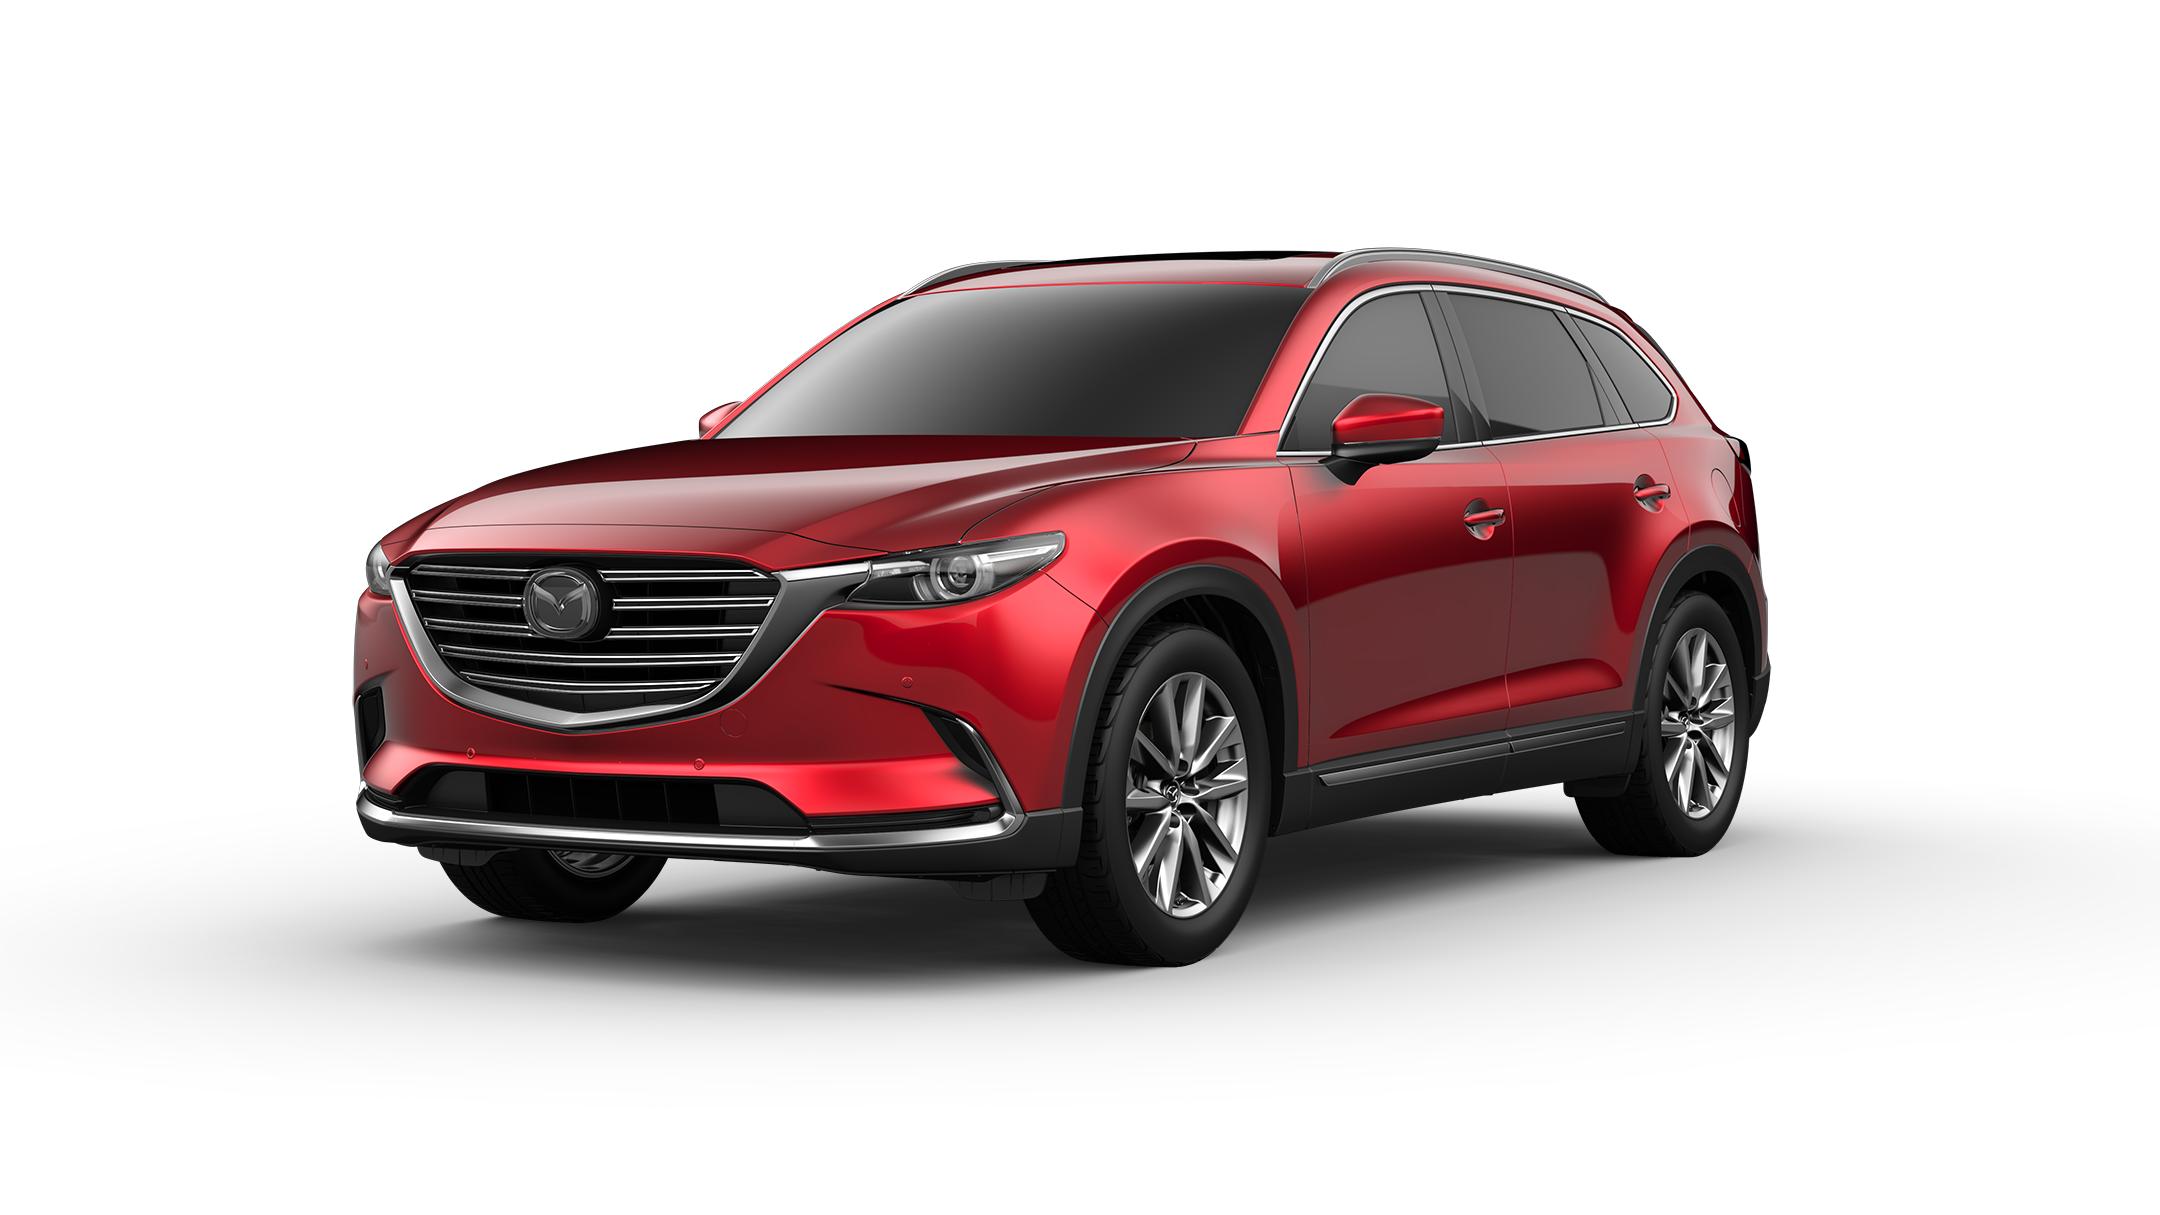 2017 Mazda CX-9 (Sport AT)